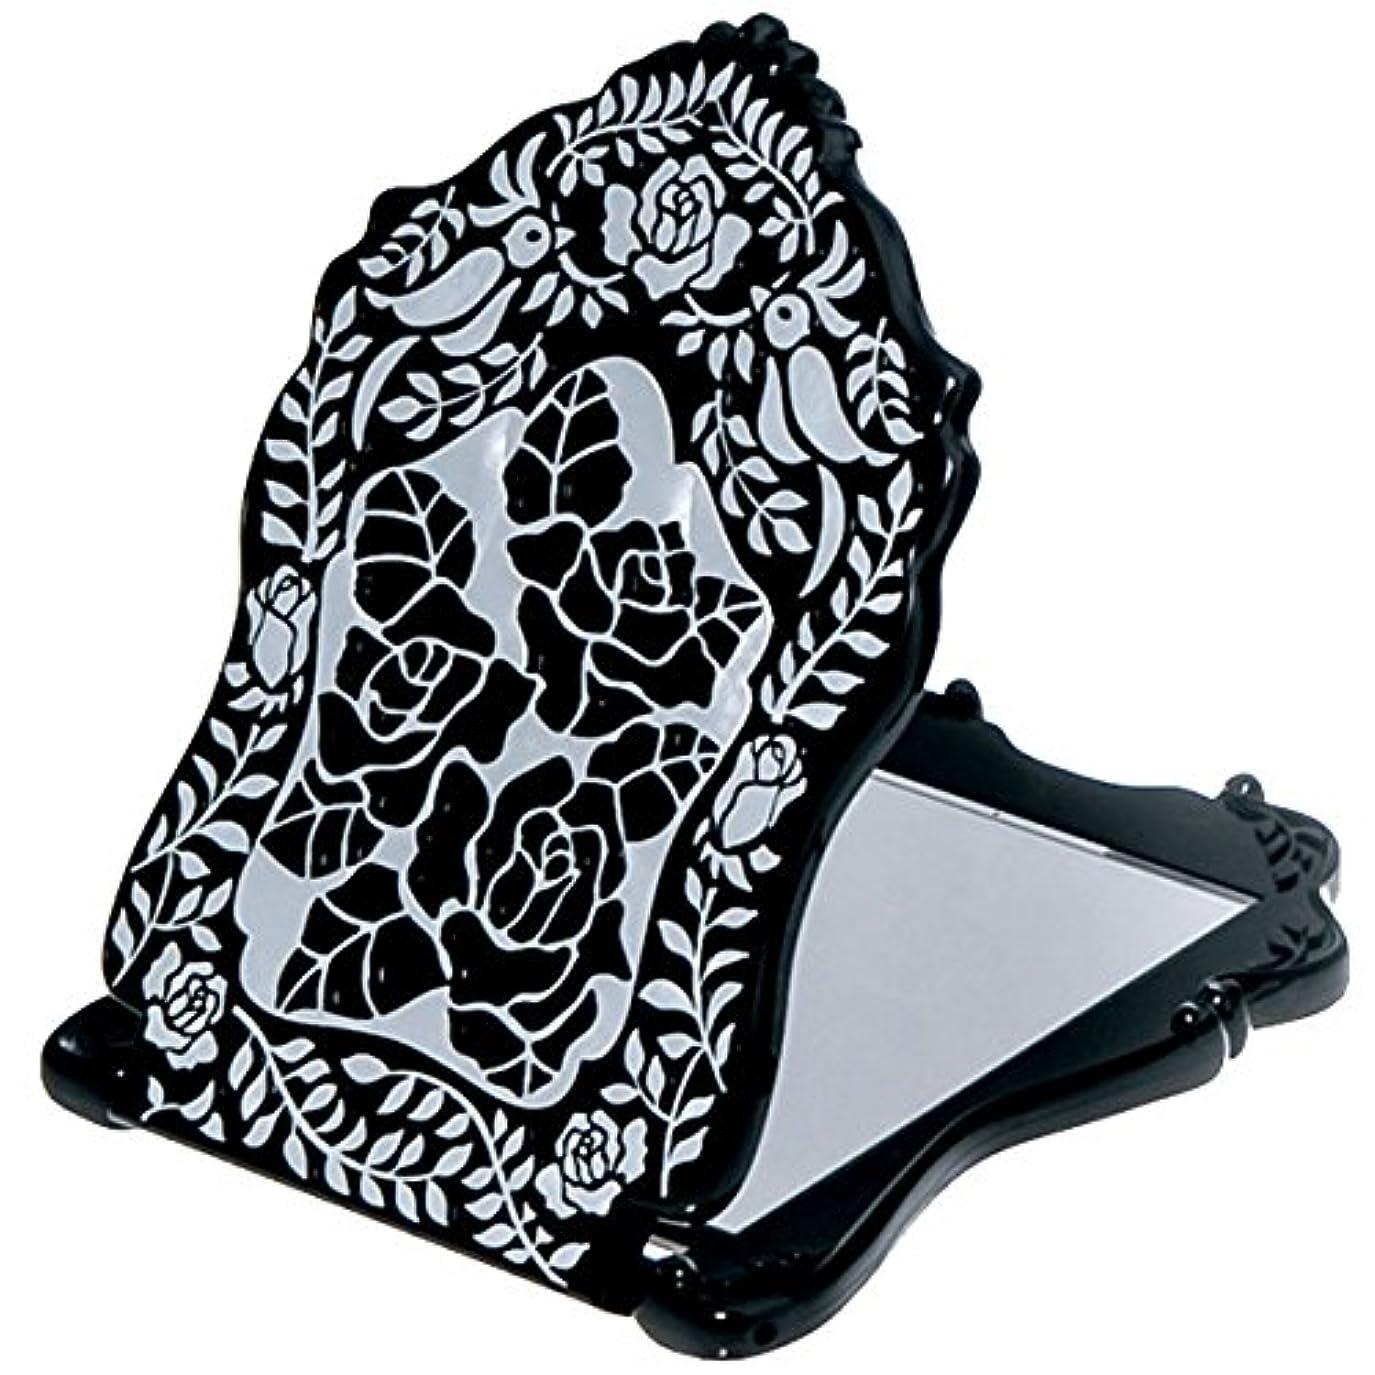 望み固体承認(アナスイ) ANNA SUI ビューティ ミラー N 鏡 コンパクト ビューティー 黒 ブラック ロゴ ローズ 薔薇 バラ